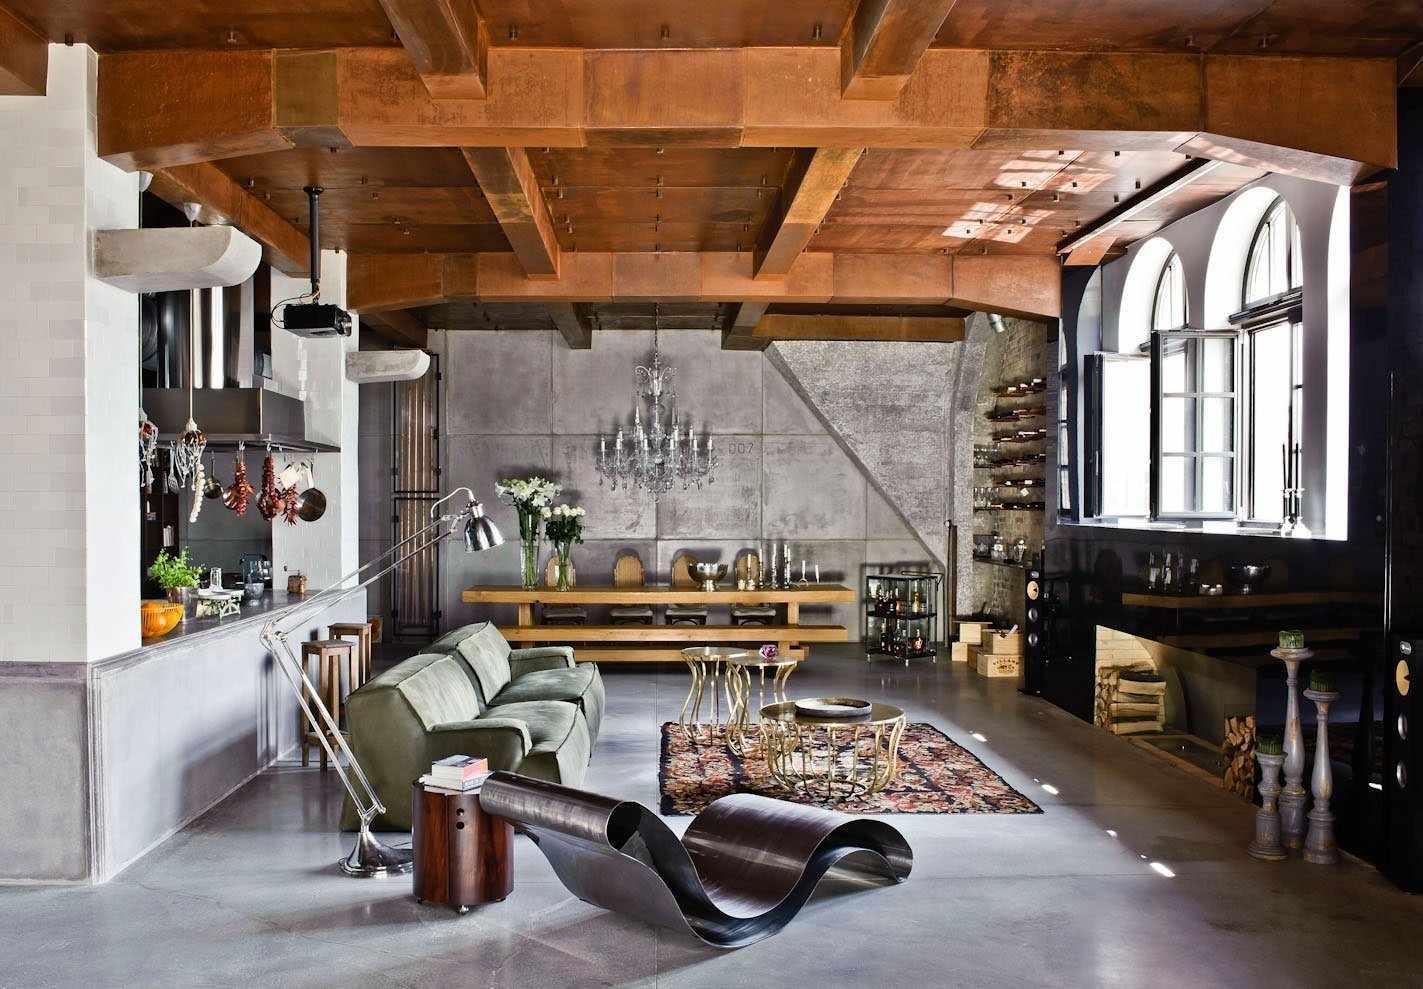 Потолок с балками в интерьере в индустриальном стиле